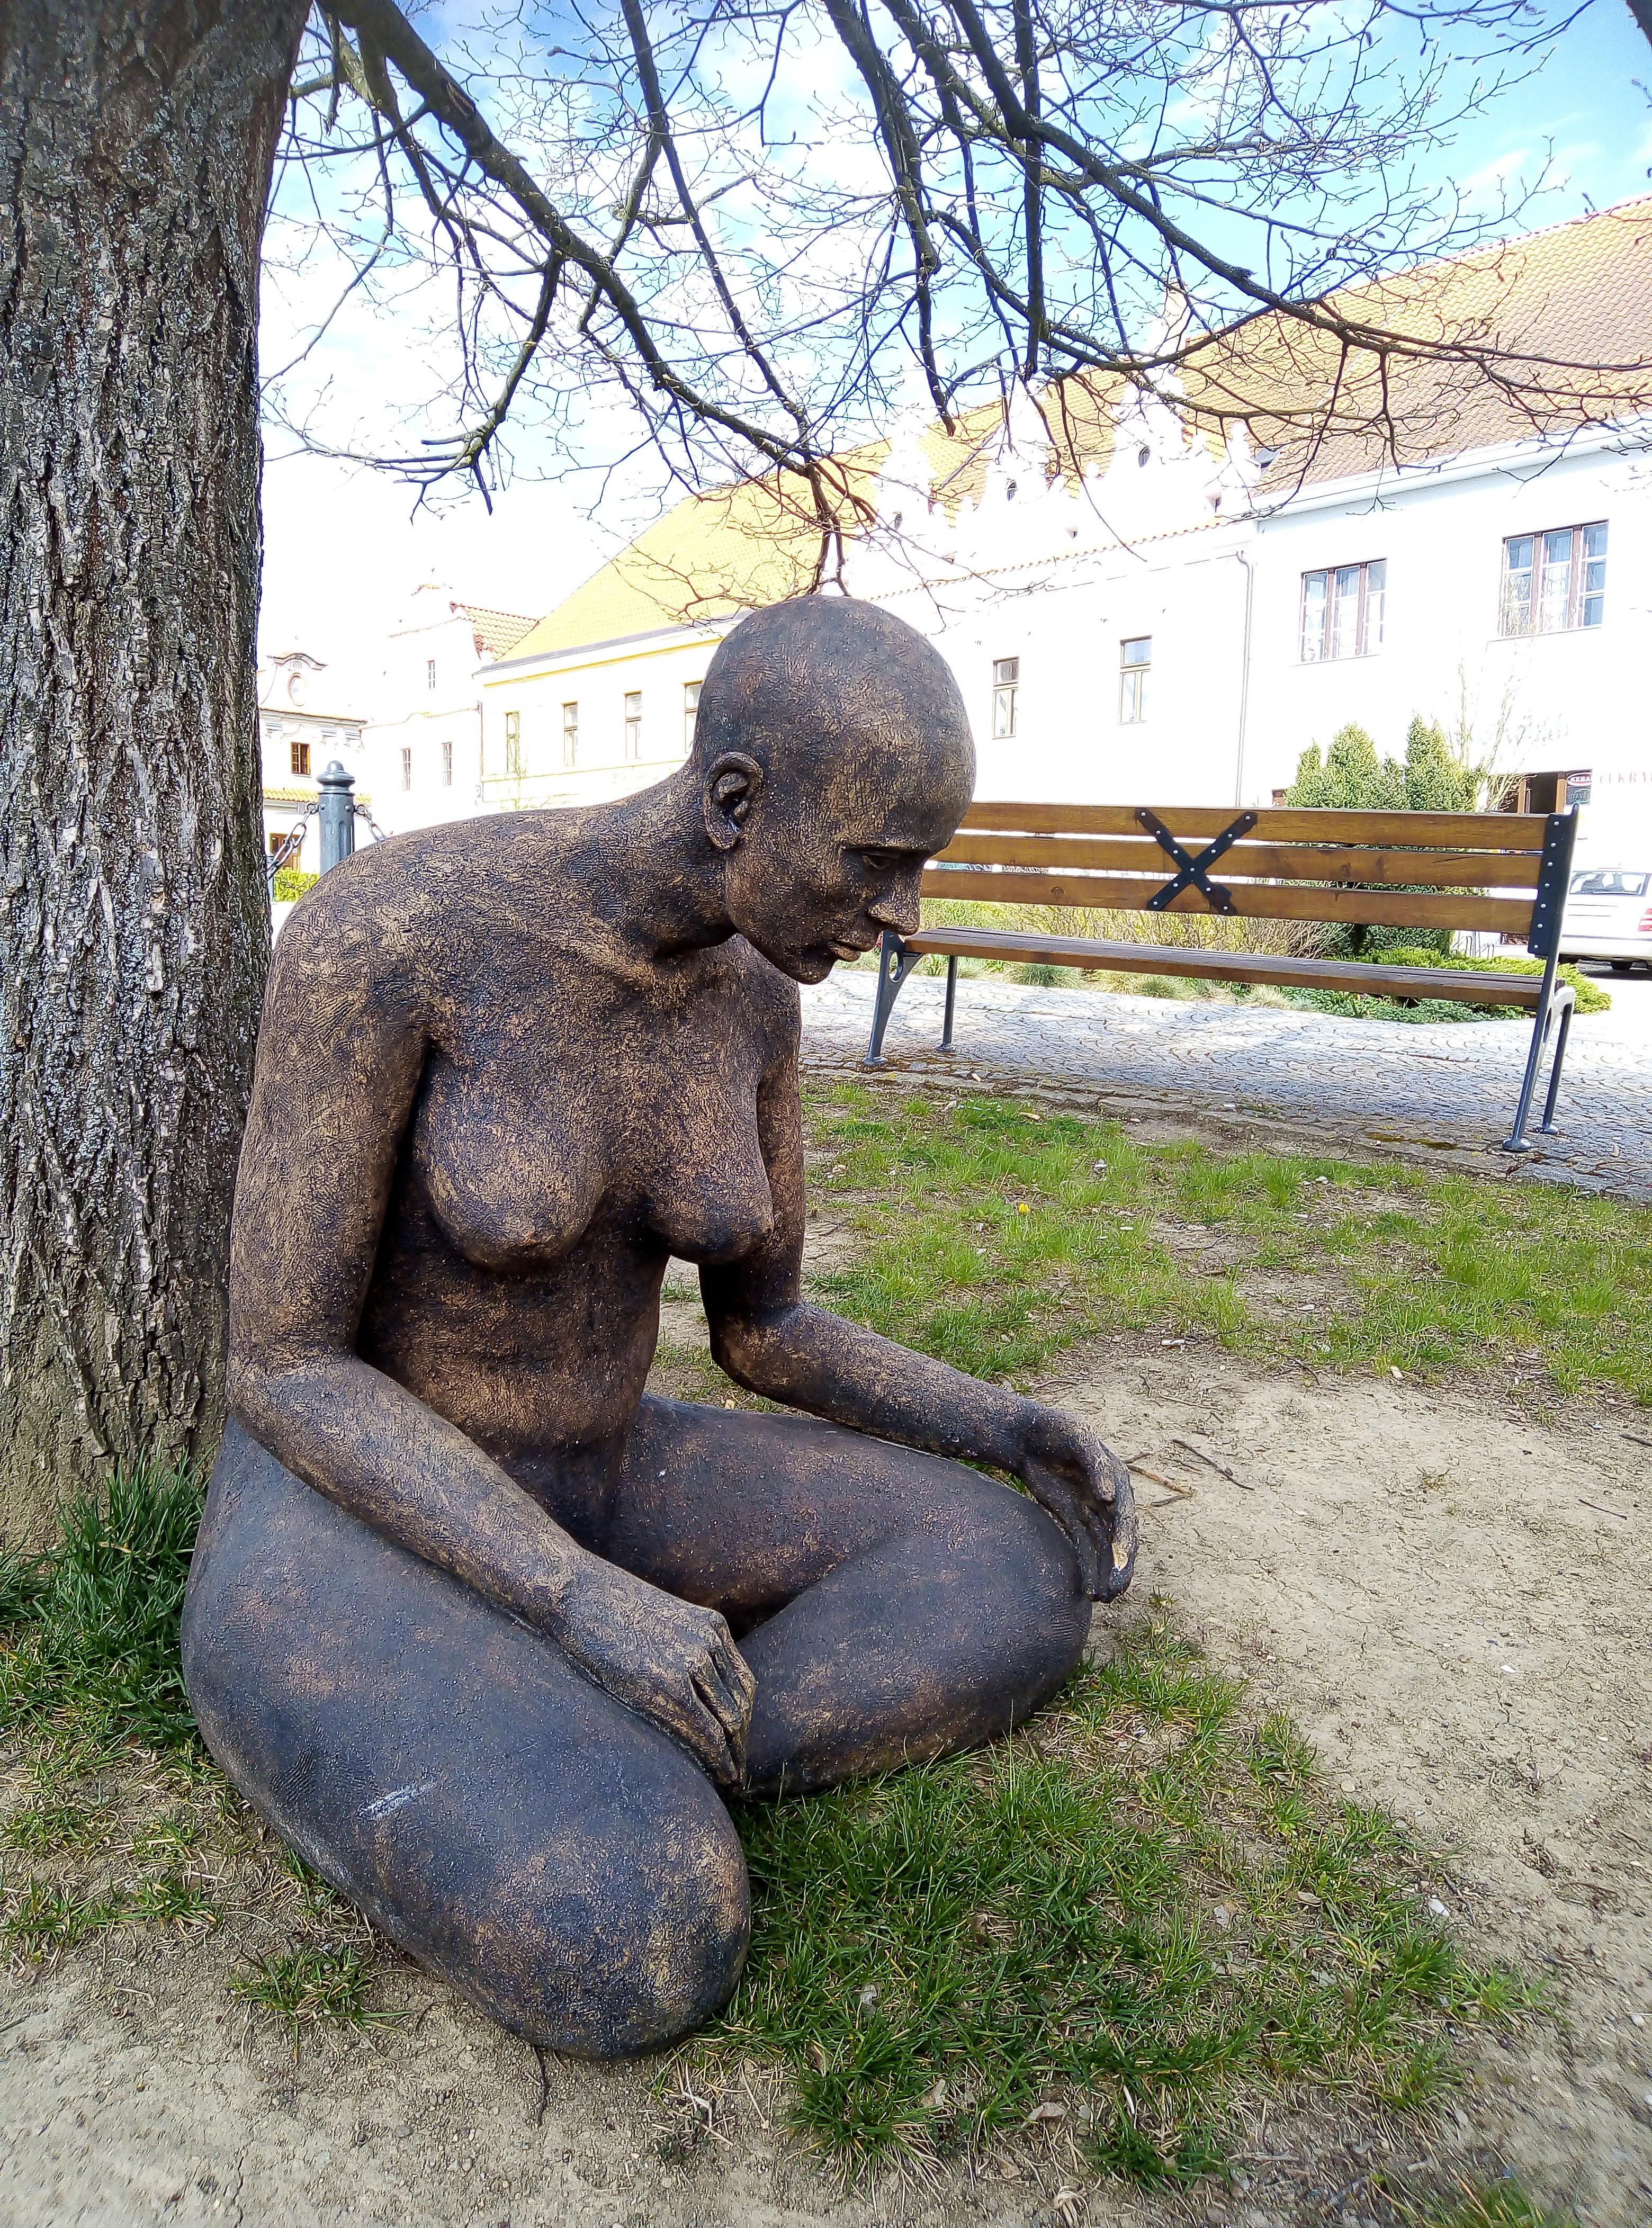 Veřejný prostor bechyňského náměstí obohatily práce studentů SUPŠ Bechyně